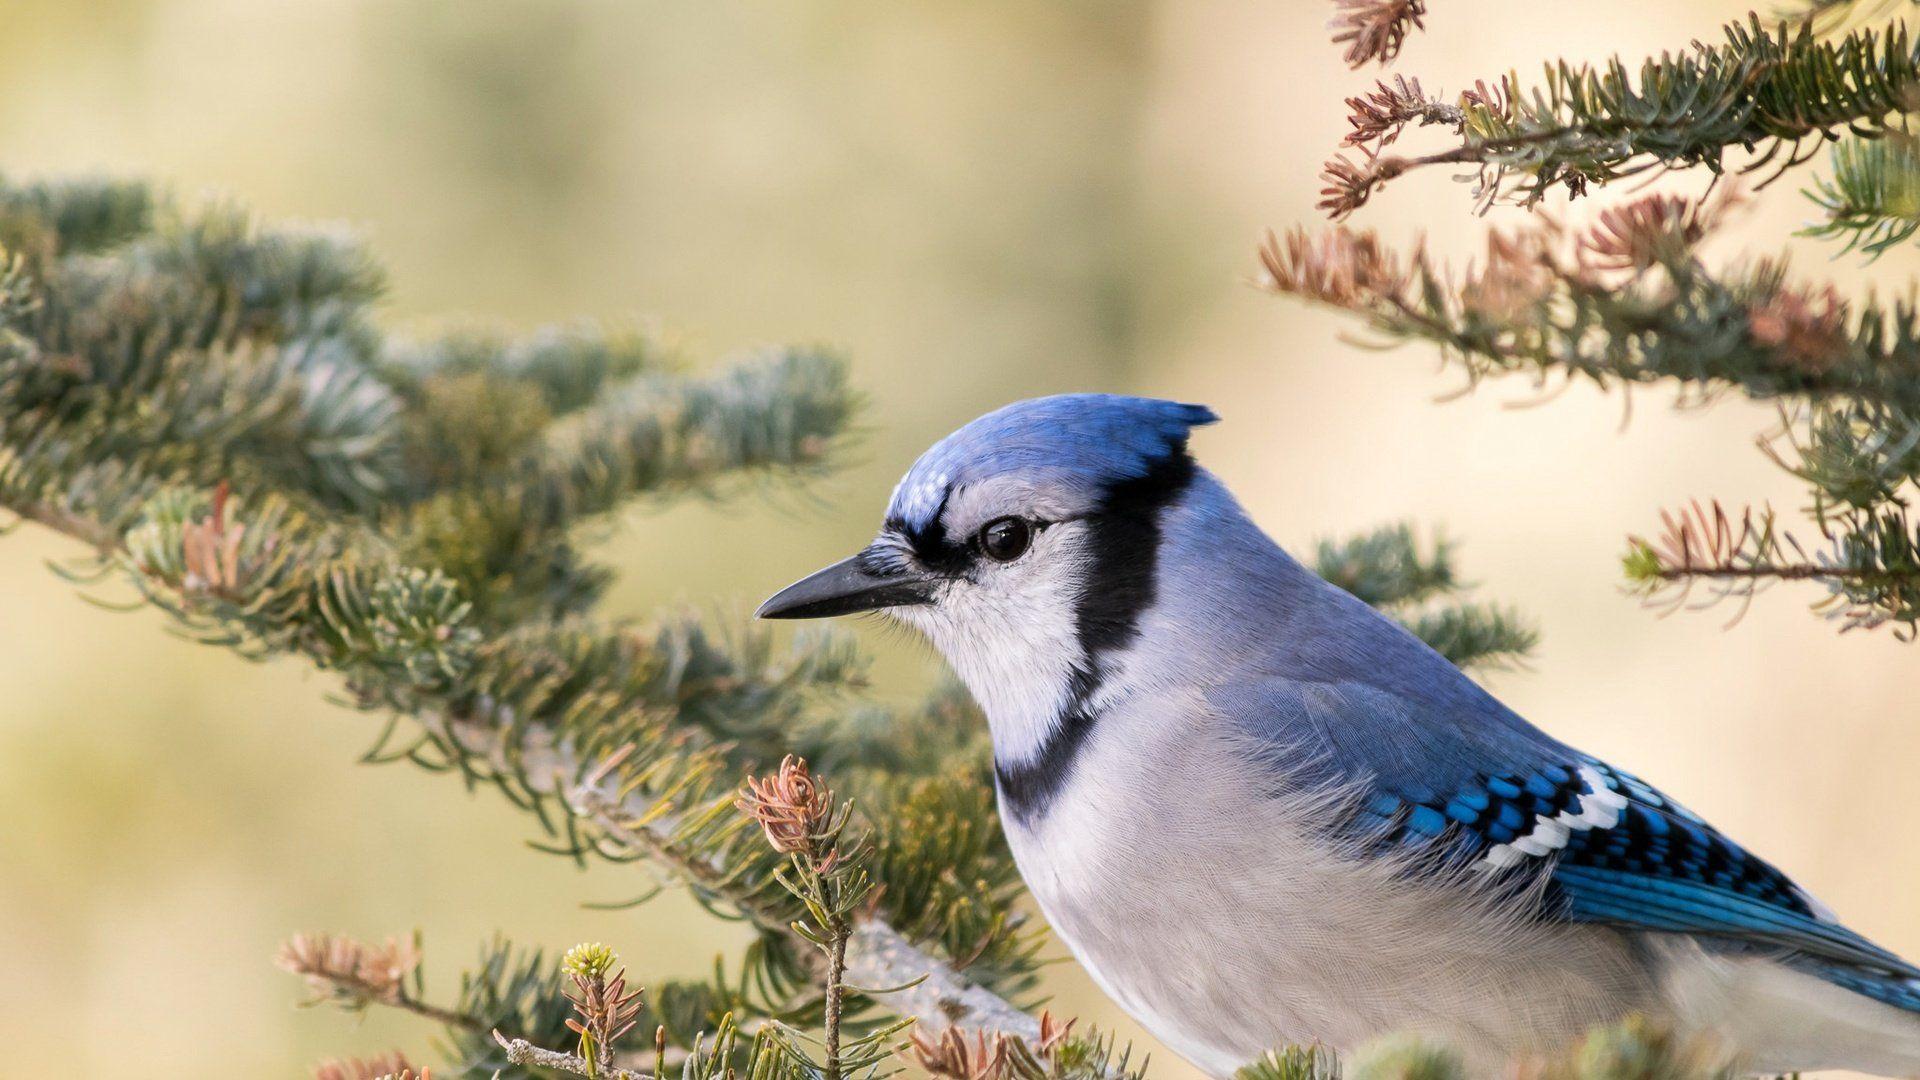 Blue Jays Image